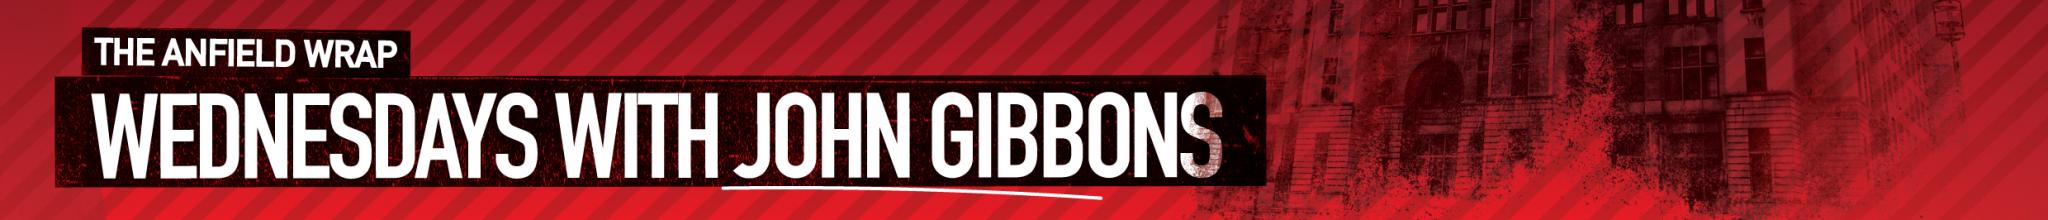 gibboident